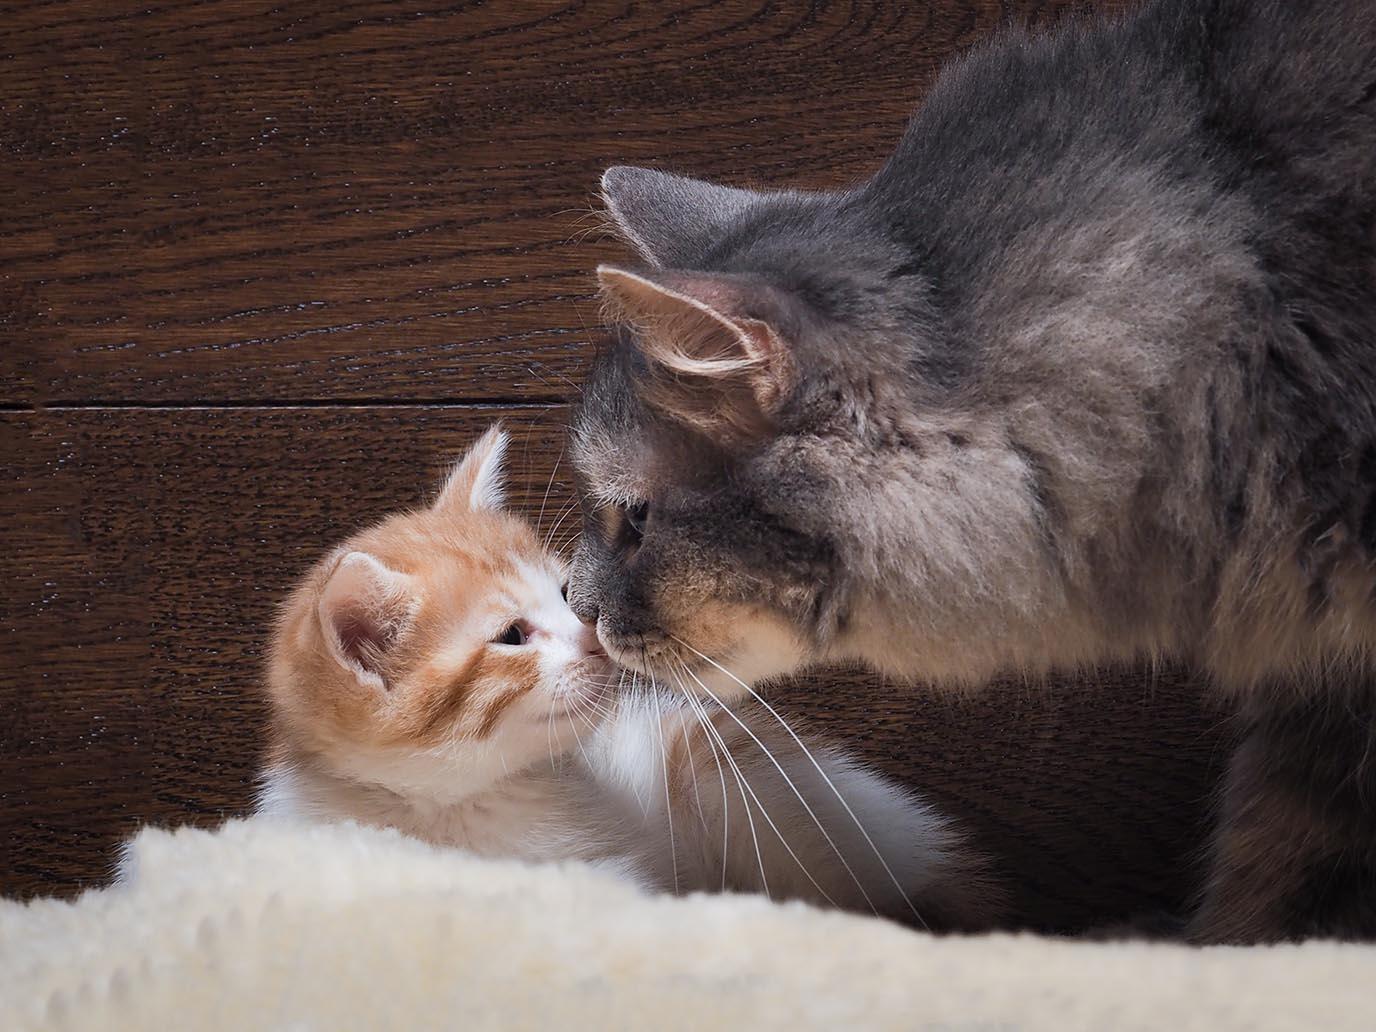 cat smelling kitten